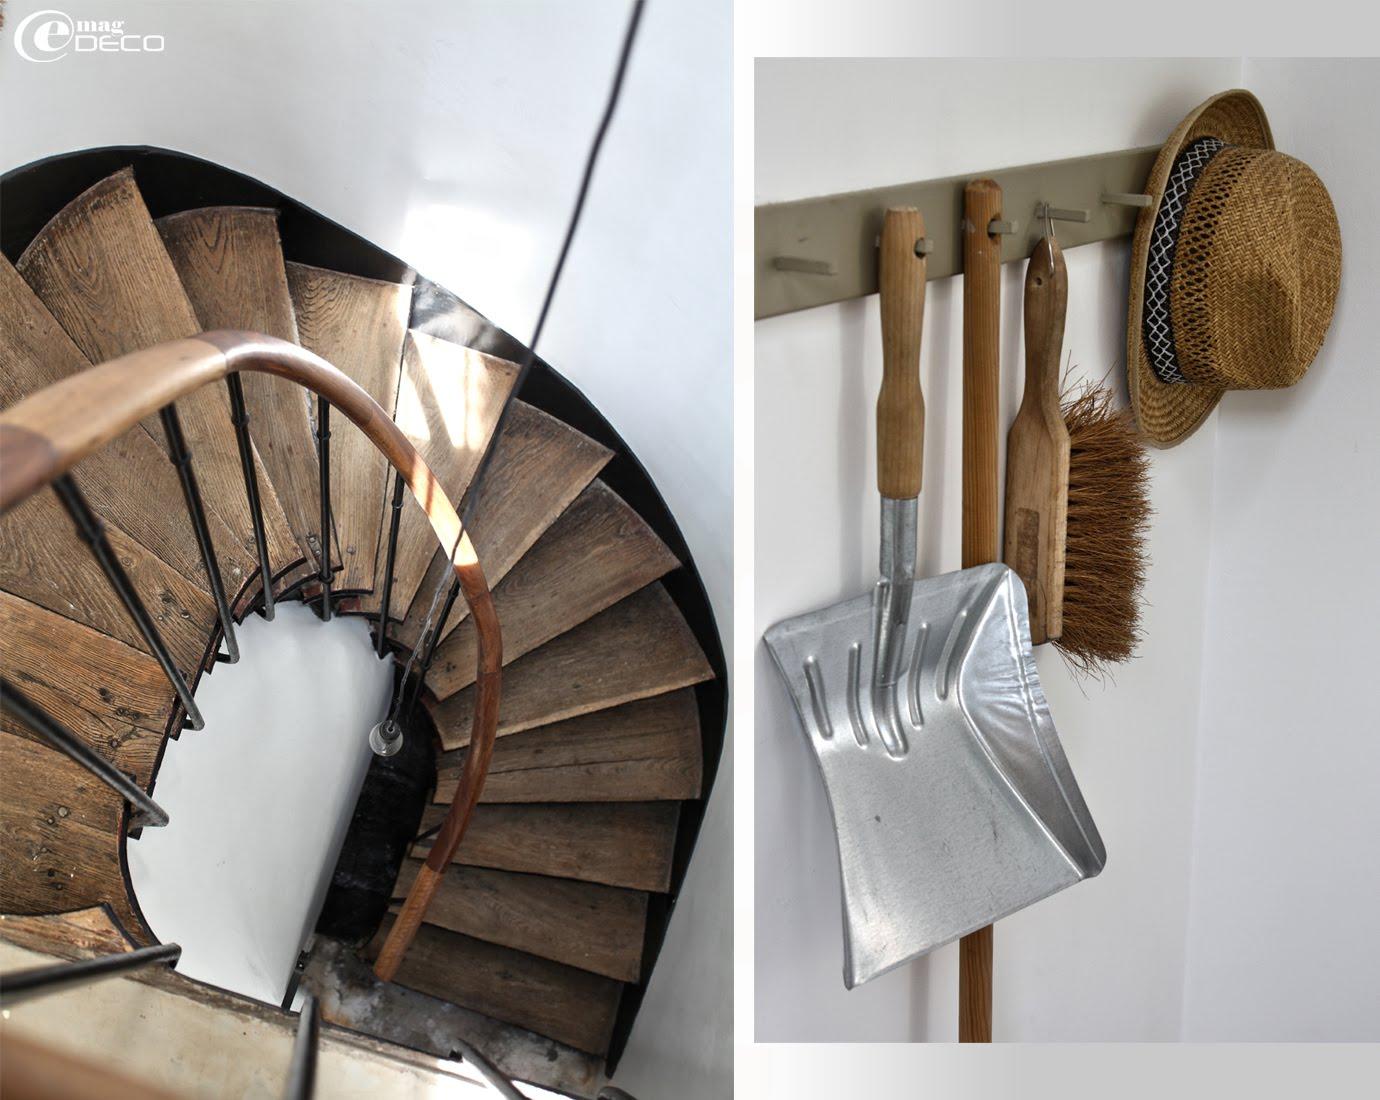 Une simple ampoule au bout d'un long fil électrique pour éclairer un escalier en colimaçon